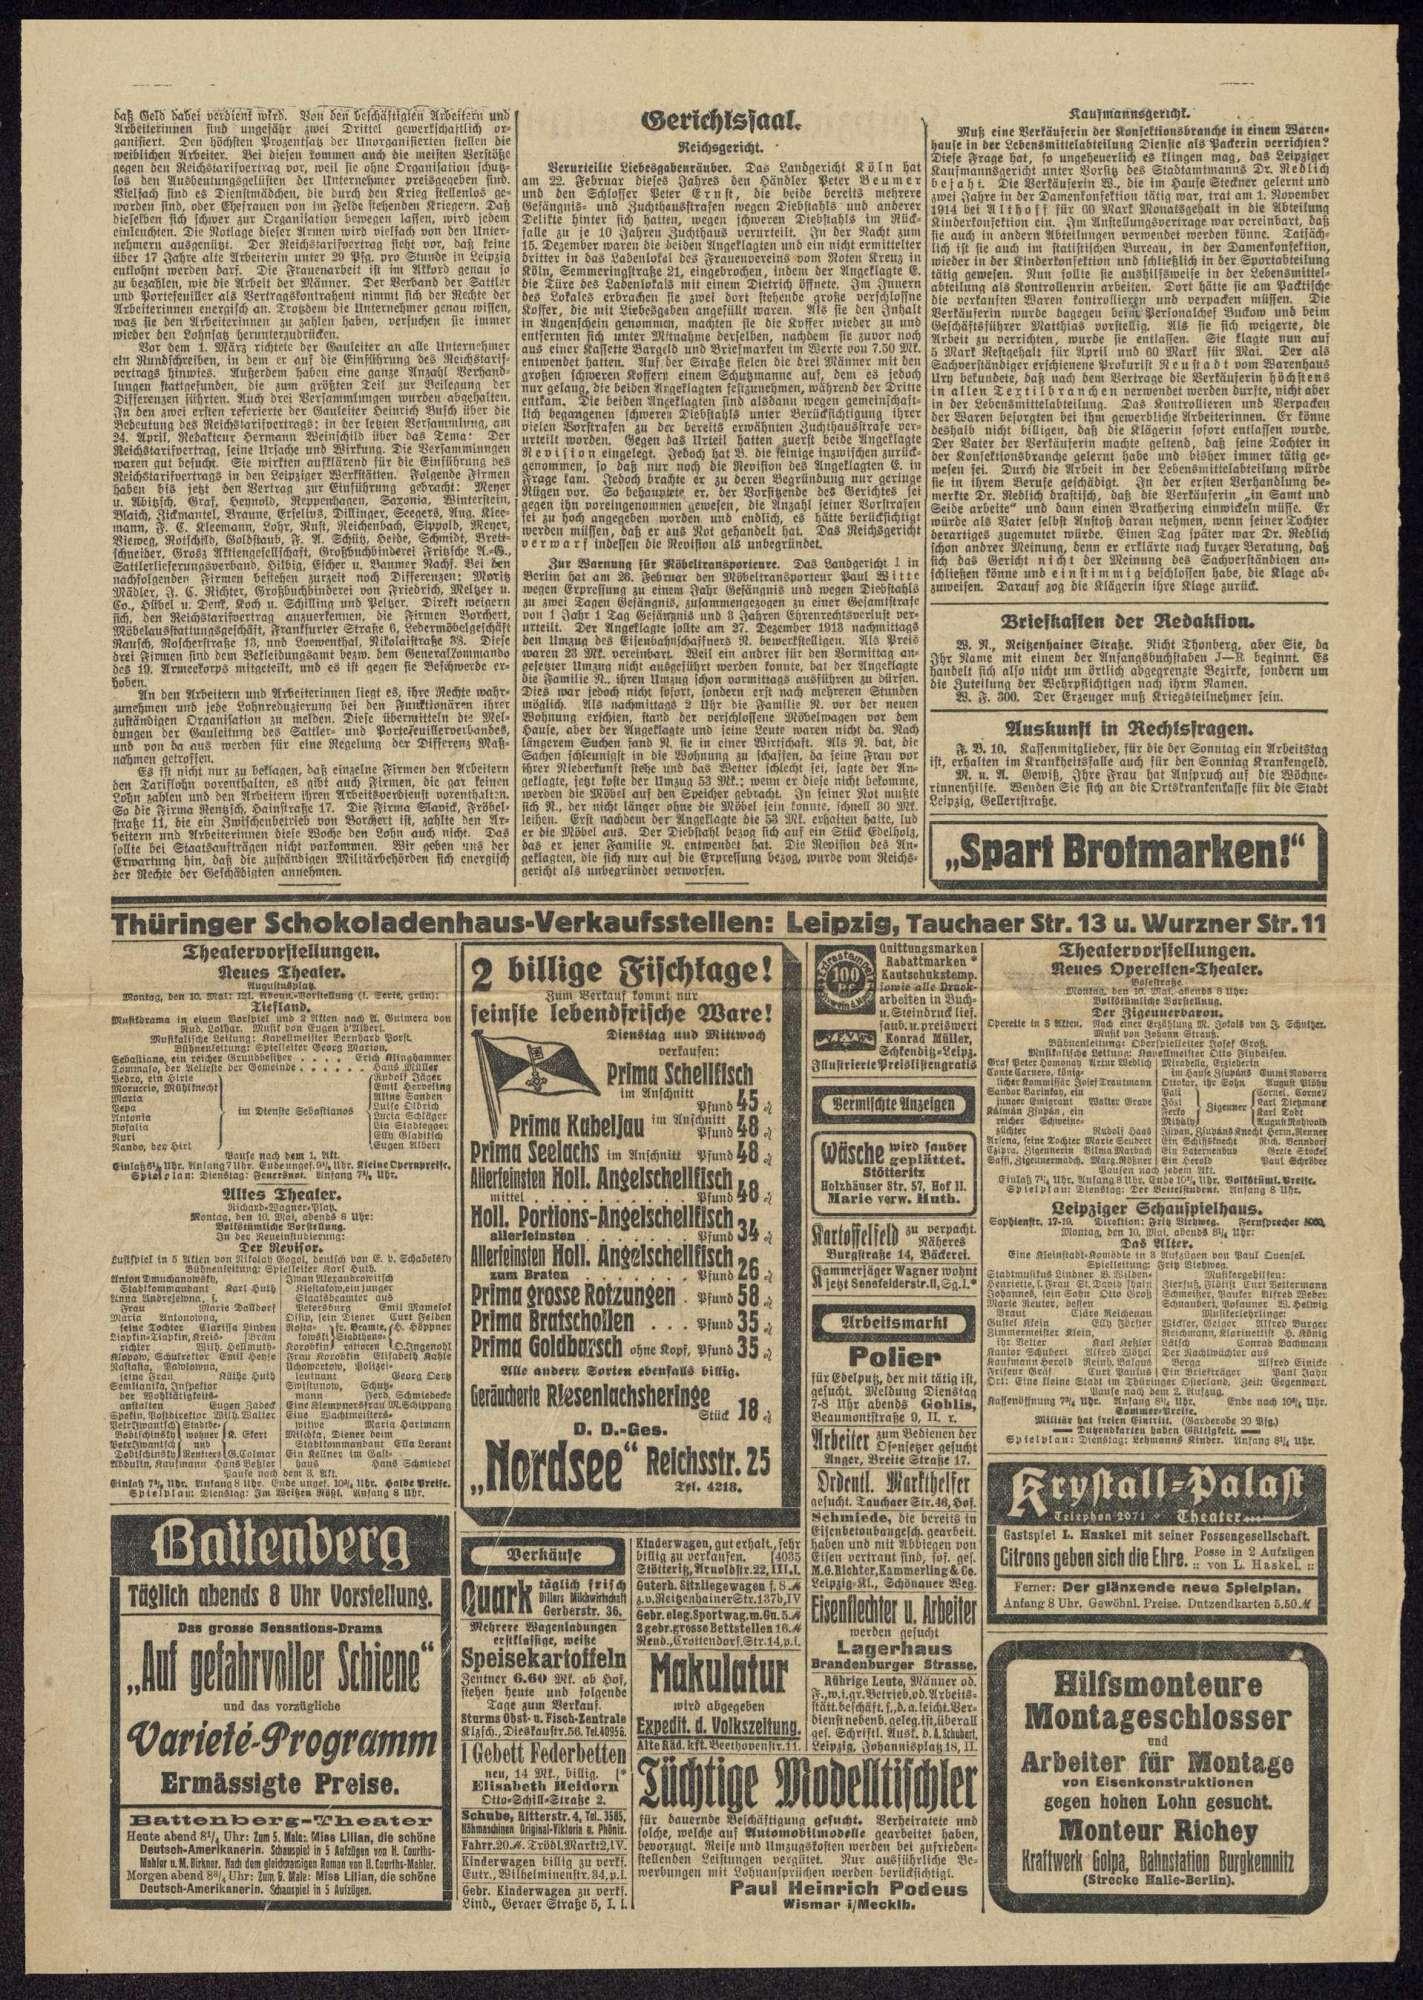 Haltung der Sozialdemokratie bei Kriegsanbruch und während des 1. Weltkriegs, Bild 3